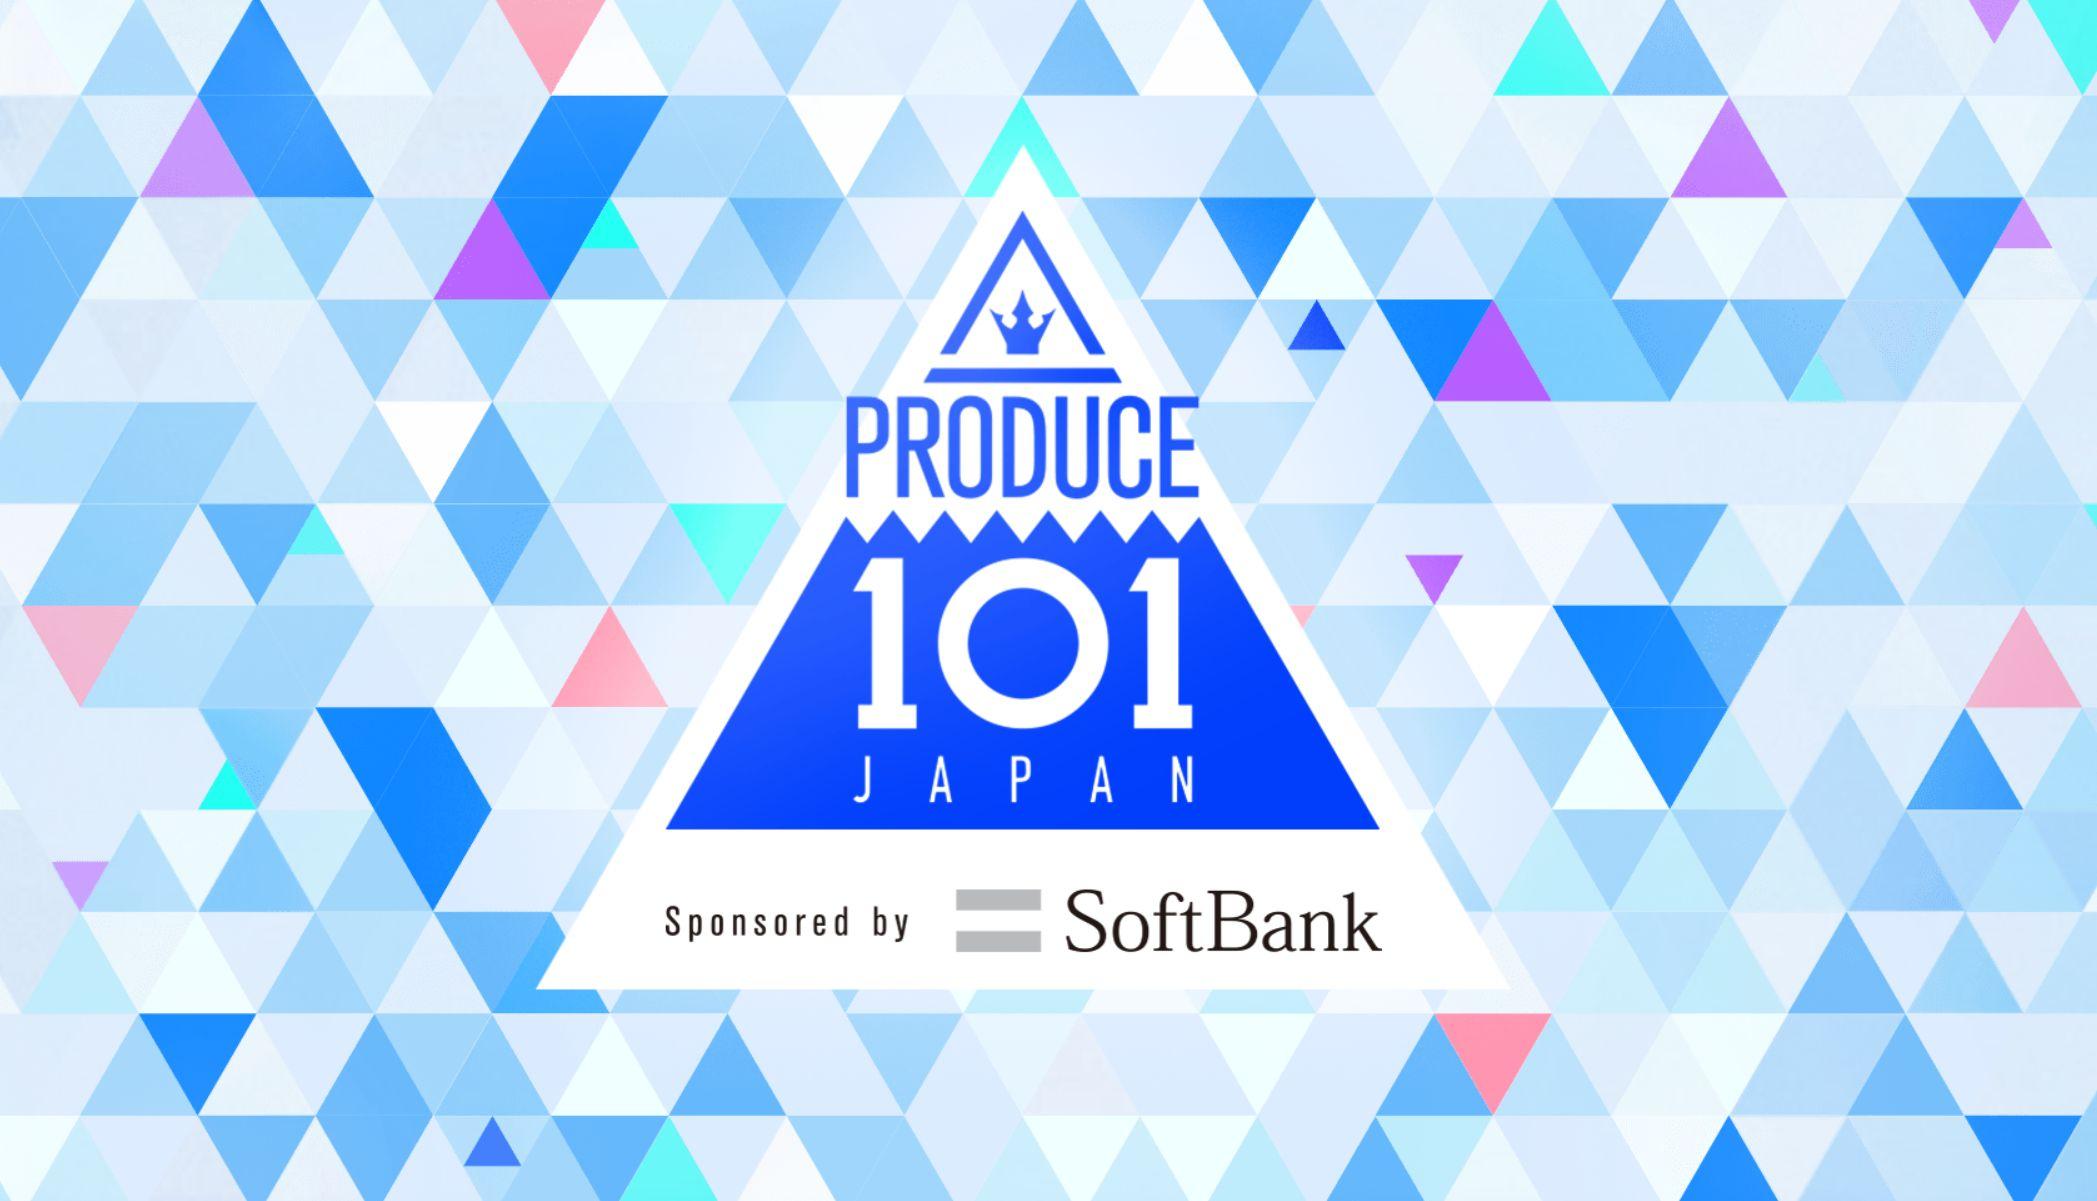 101 japan 順位 プロデュース